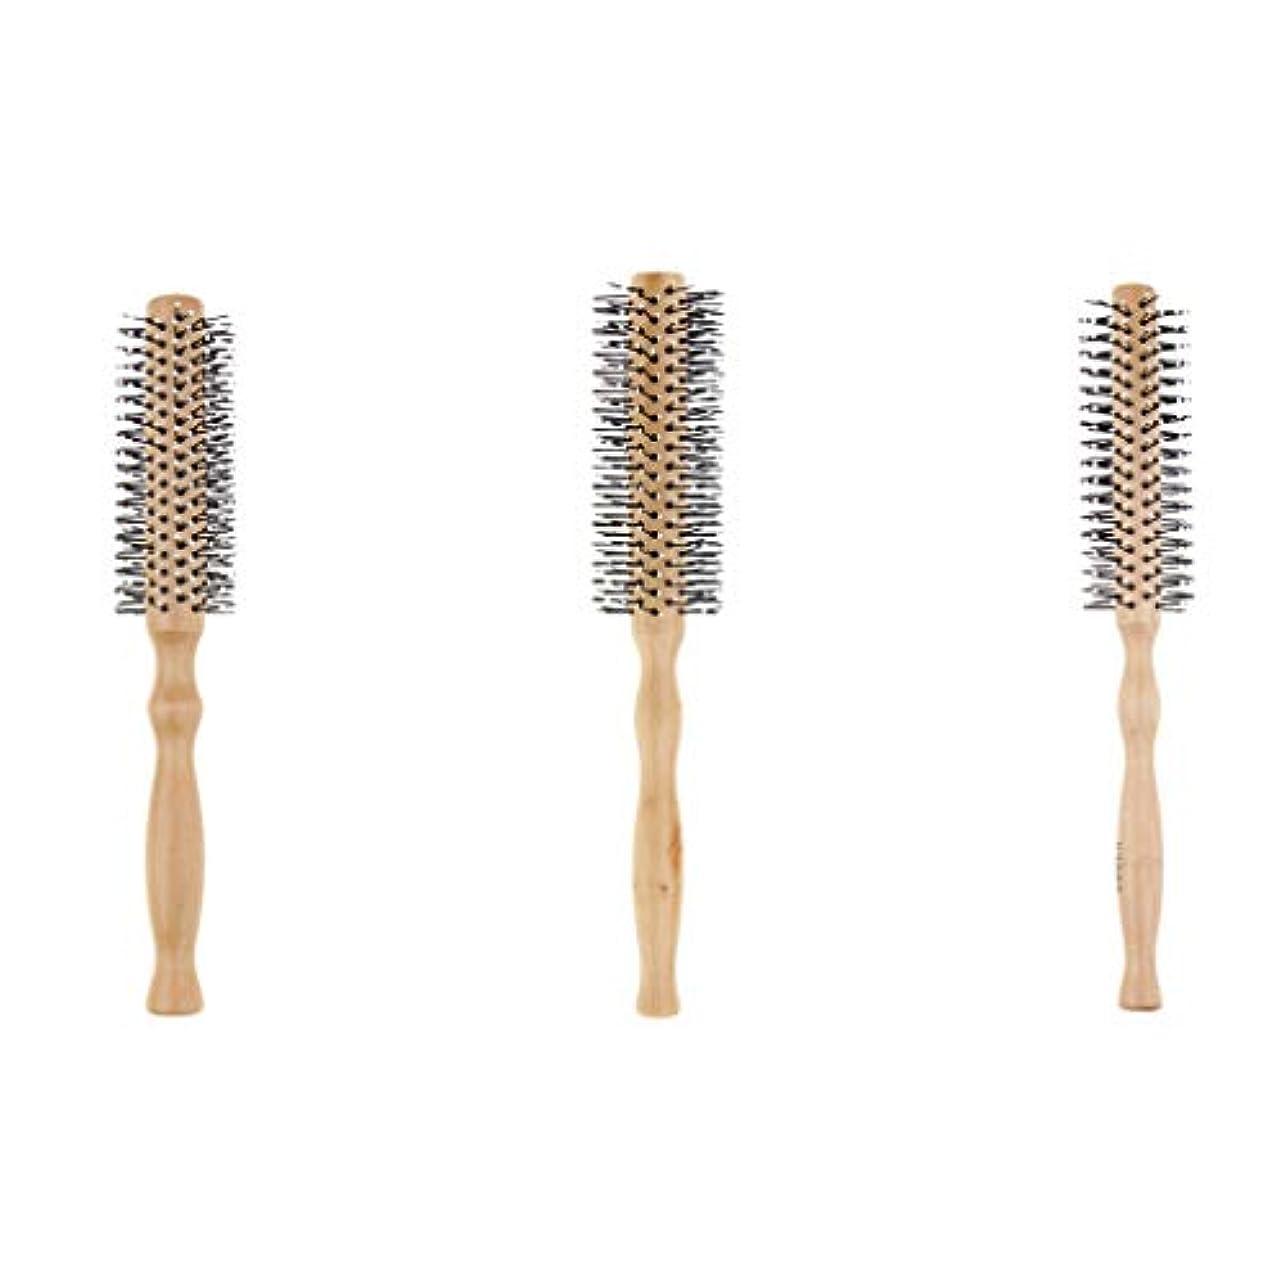 排出苦痛センサー3本セット ロールブラシ 巻き髪 ヘアブラシ 木製櫛 スタイリングブラシ